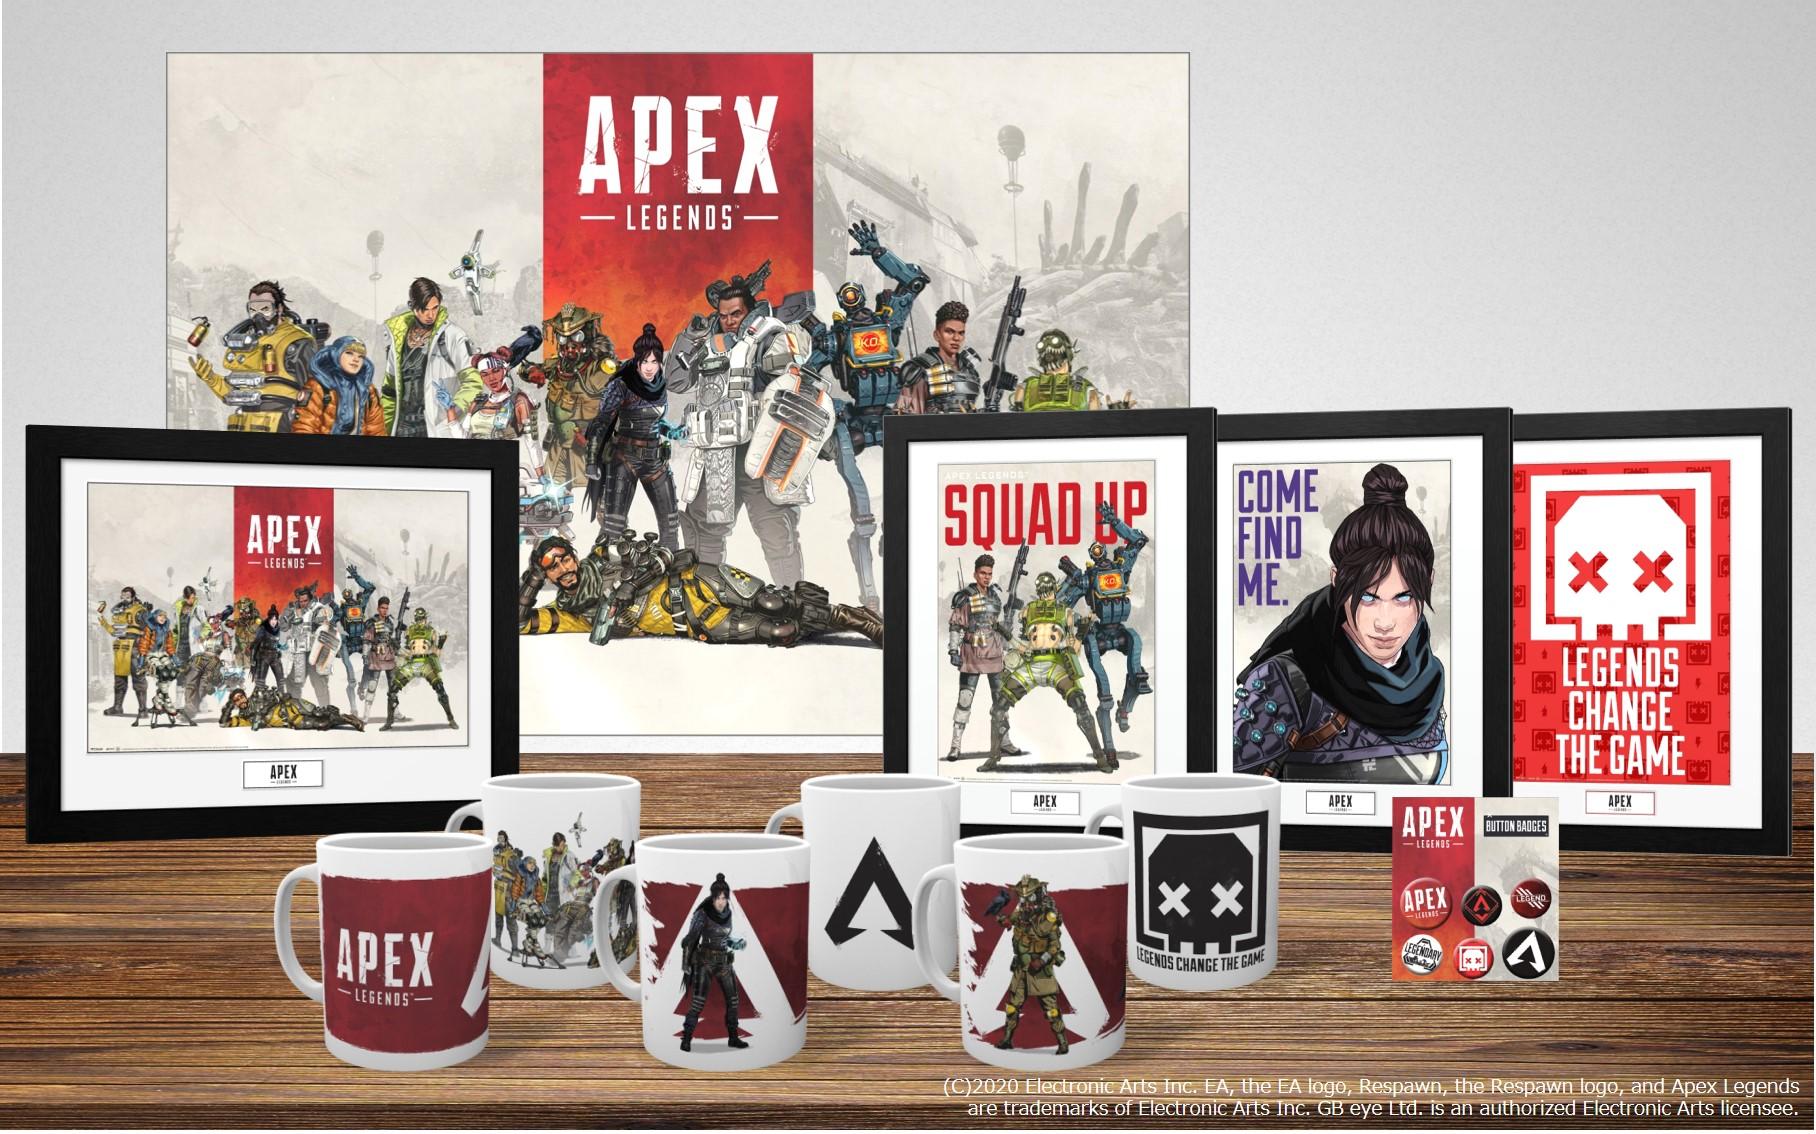 「Apex Legends」公式マグカップなどが登場 ゲーム配信2周年でSwitch版の配信も決定